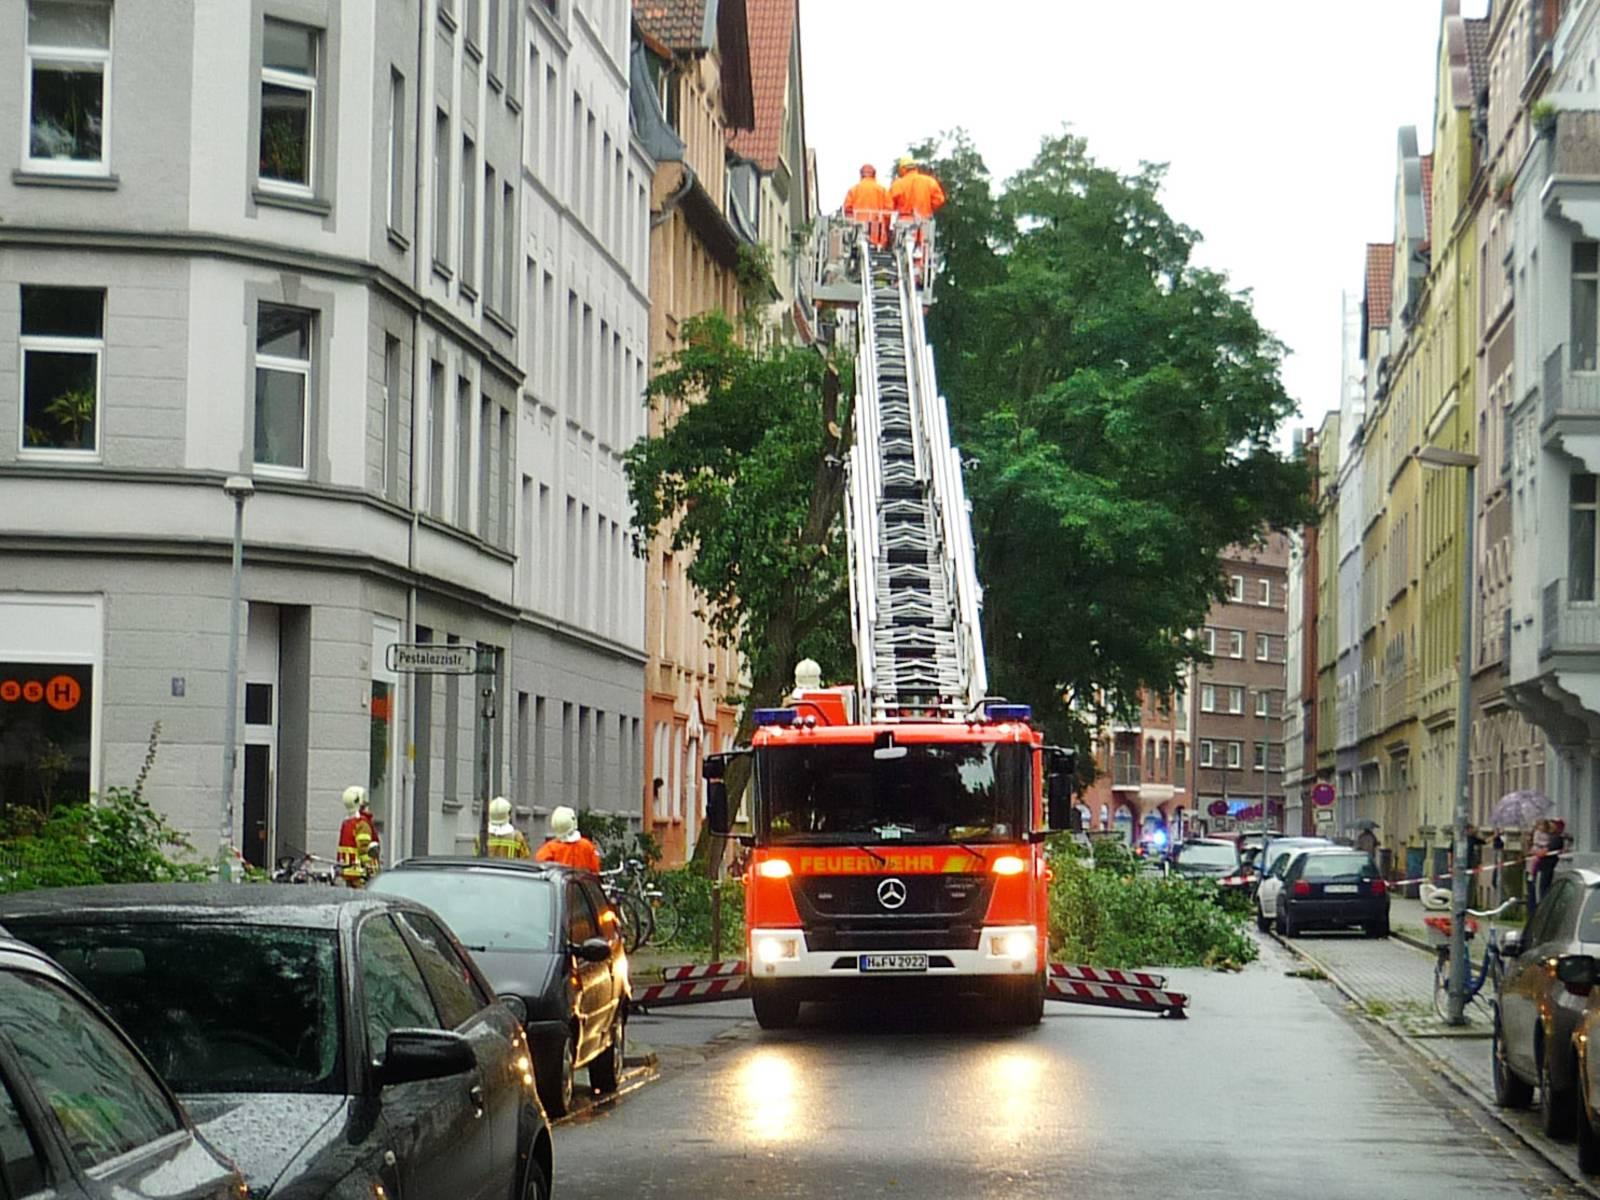 Feuerwehrfahrzeug in einer engen Straße. Der umzustürzen drohende Baum wird von Einsatzkräften der Feuerwehr begutachtet.